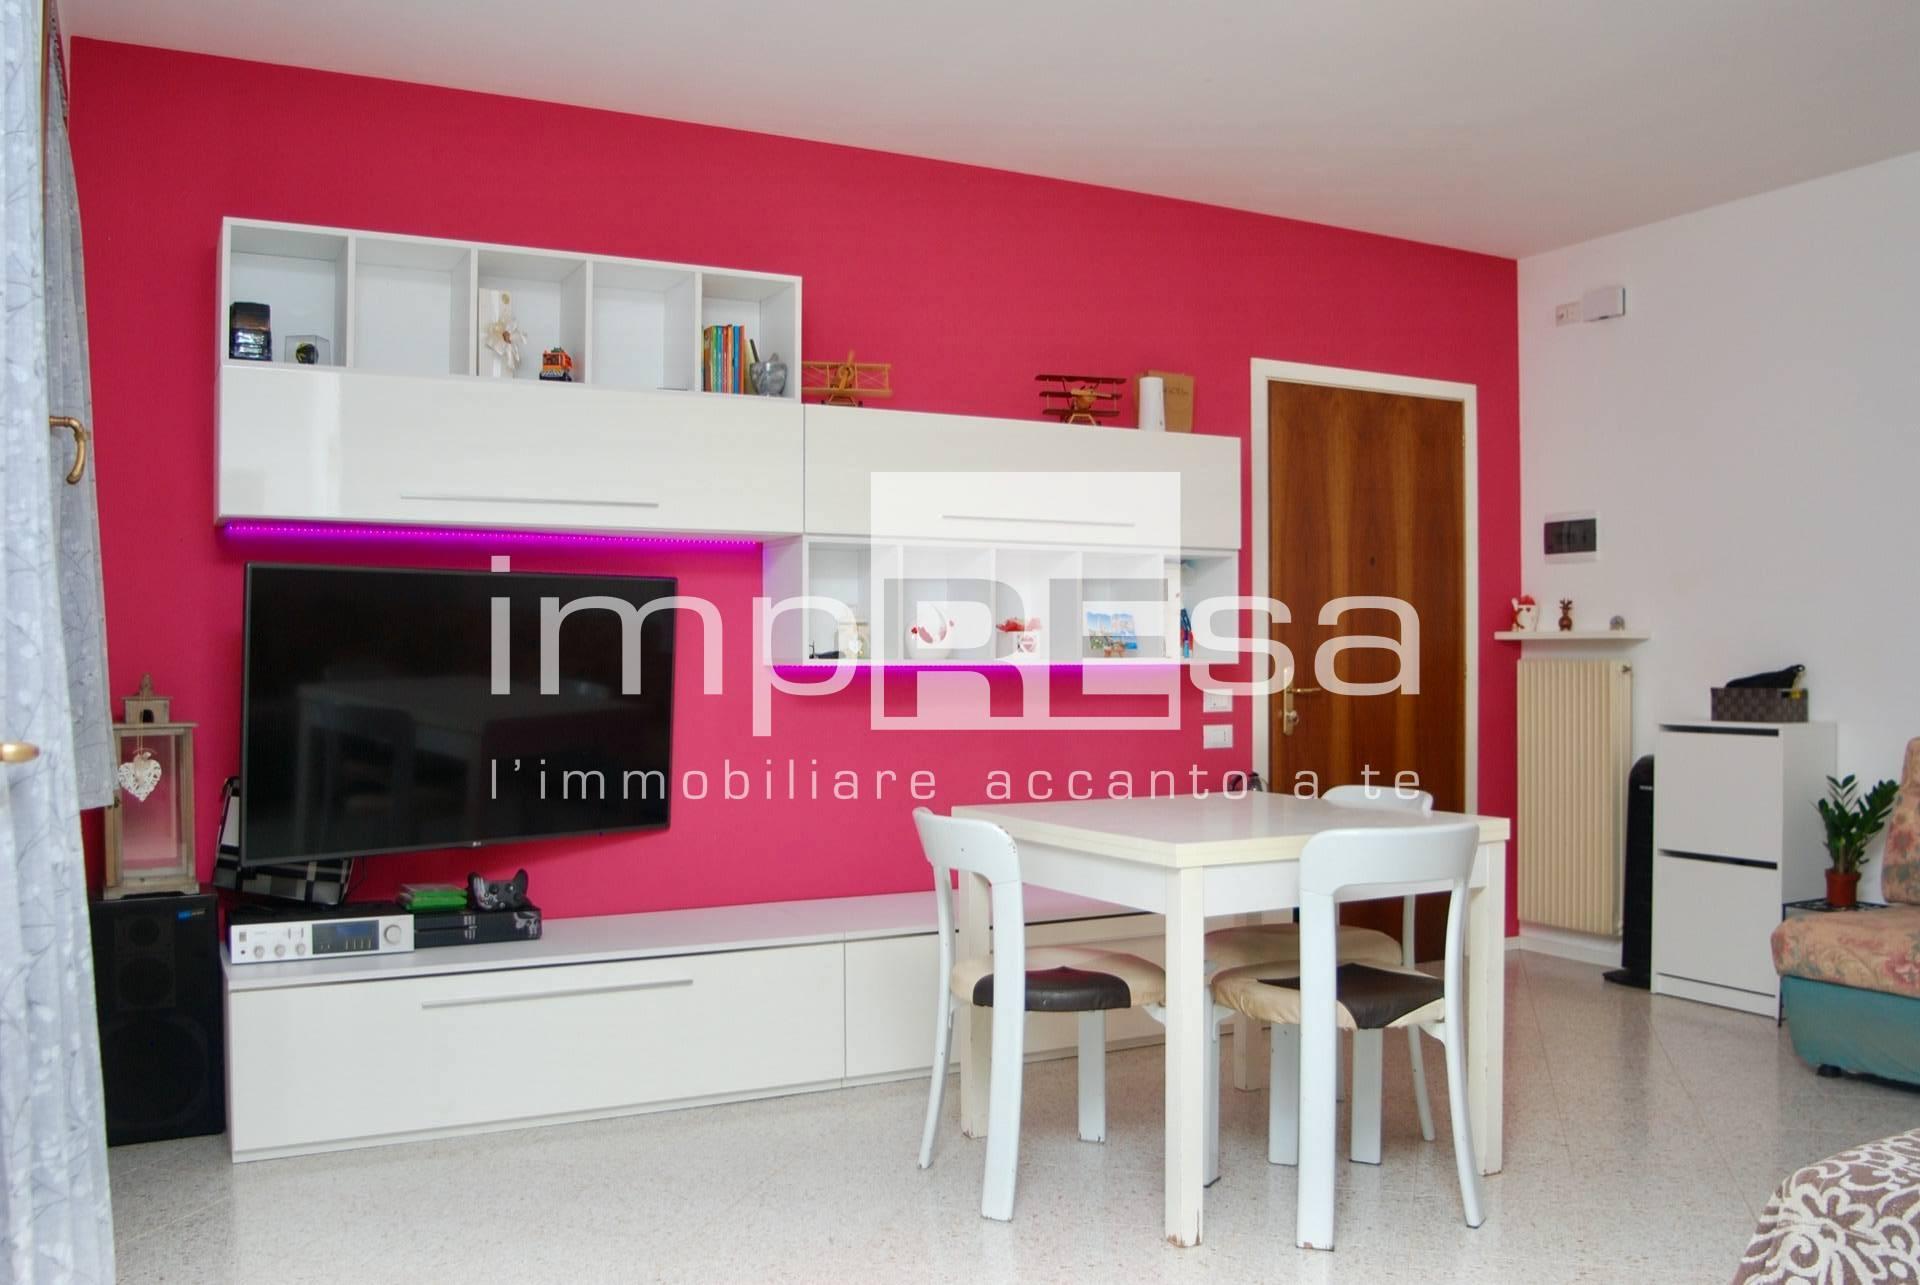 Appartamento in vendita a Spresiano, 6 locali, zona Località: Centro, prezzo € 135.000 | CambioCasa.it